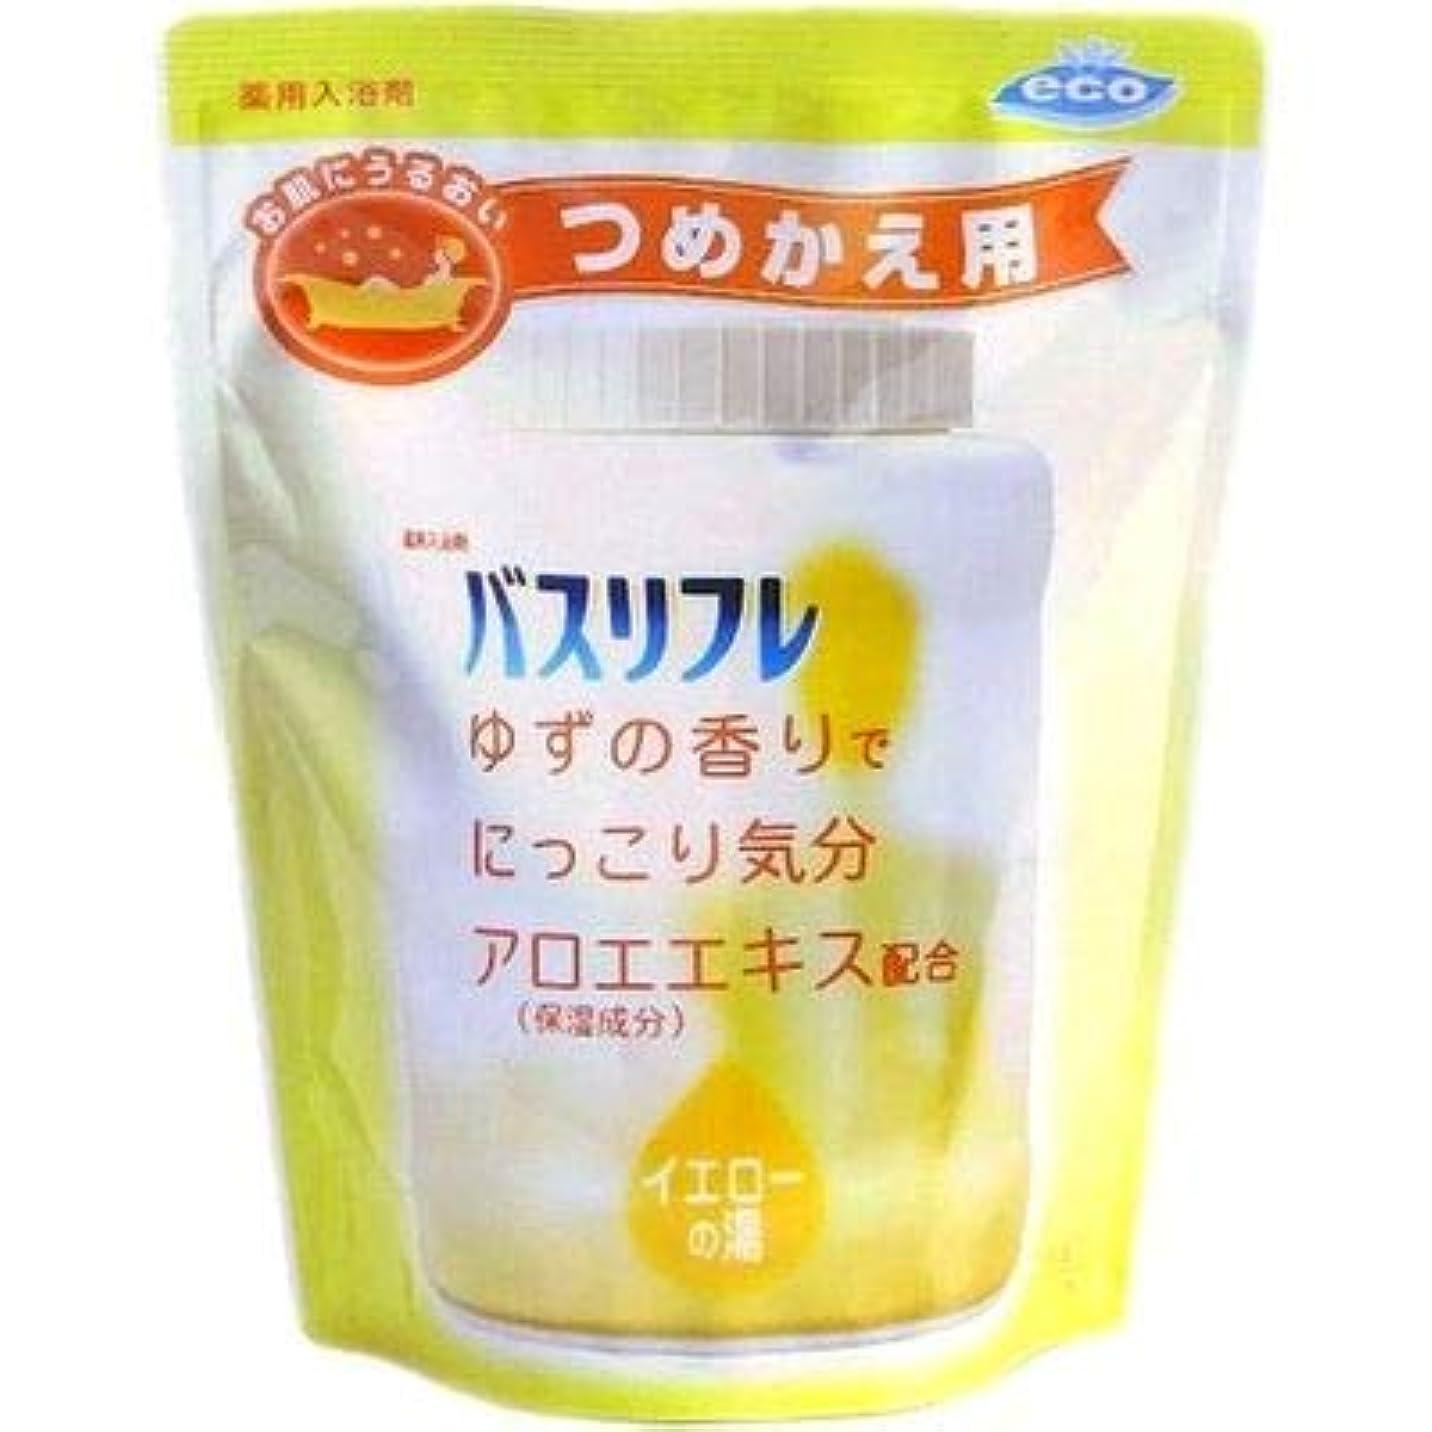 純度通行料金作りライオンケミカル バスリフレ 薬用入浴剤 ゆずの香り つめかえ用 540g 4900480080102